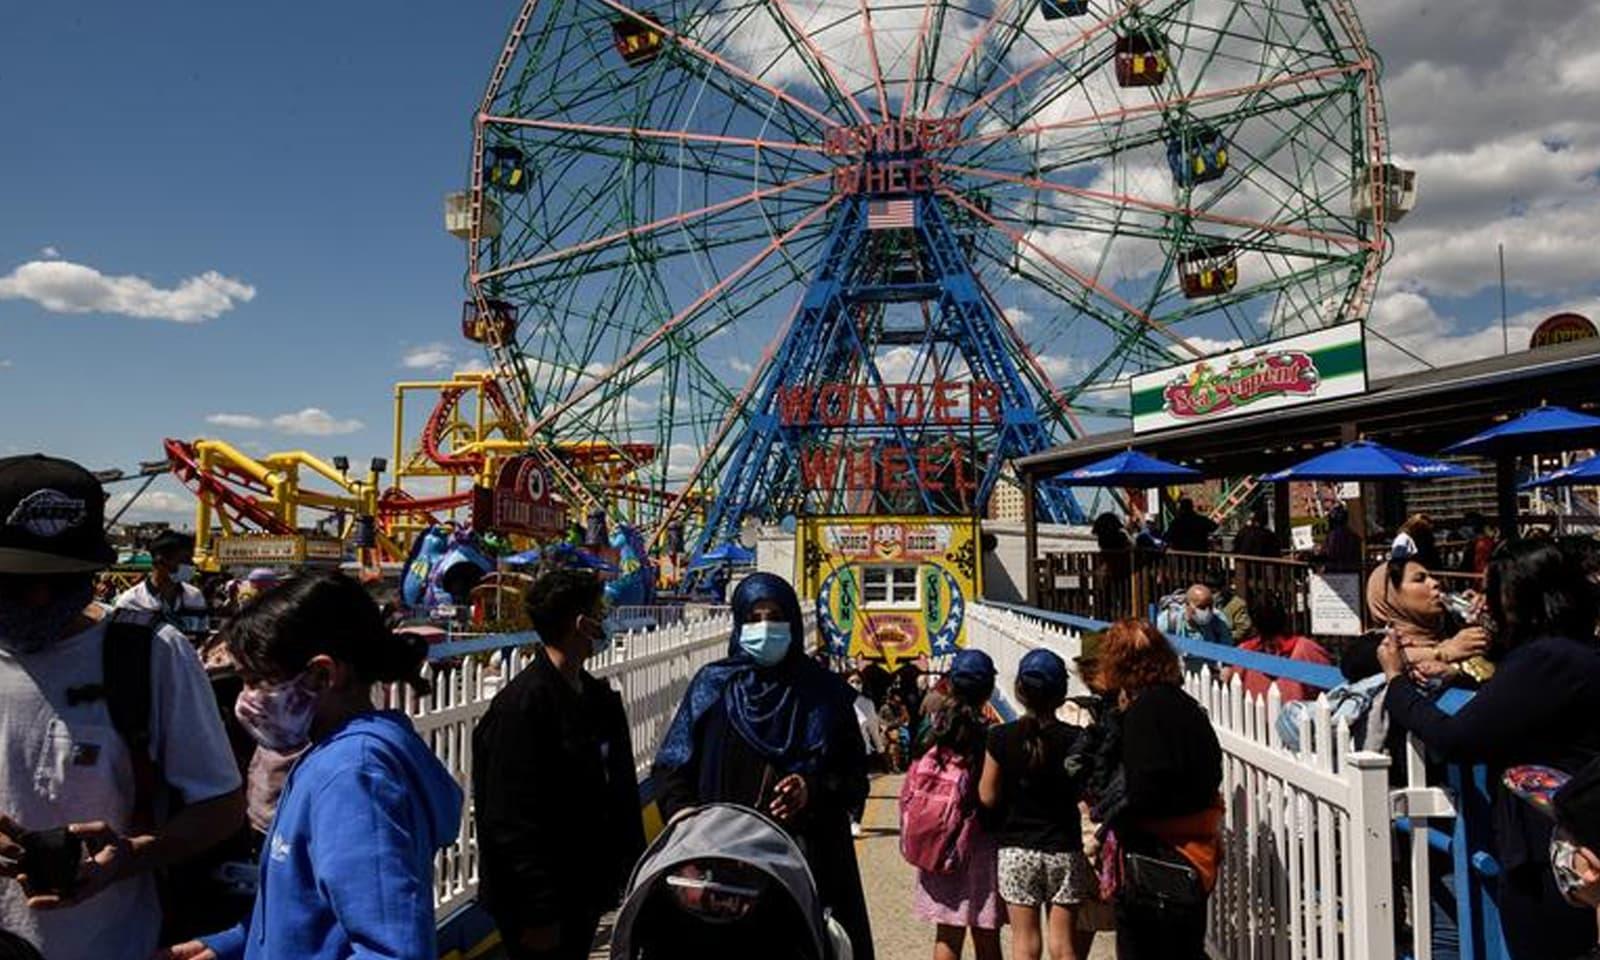 نیویارک میں لوگوں نے عید کے موقع پر تفریحی مقامات کا رخ کیا  —فوٹو: رائٹرز